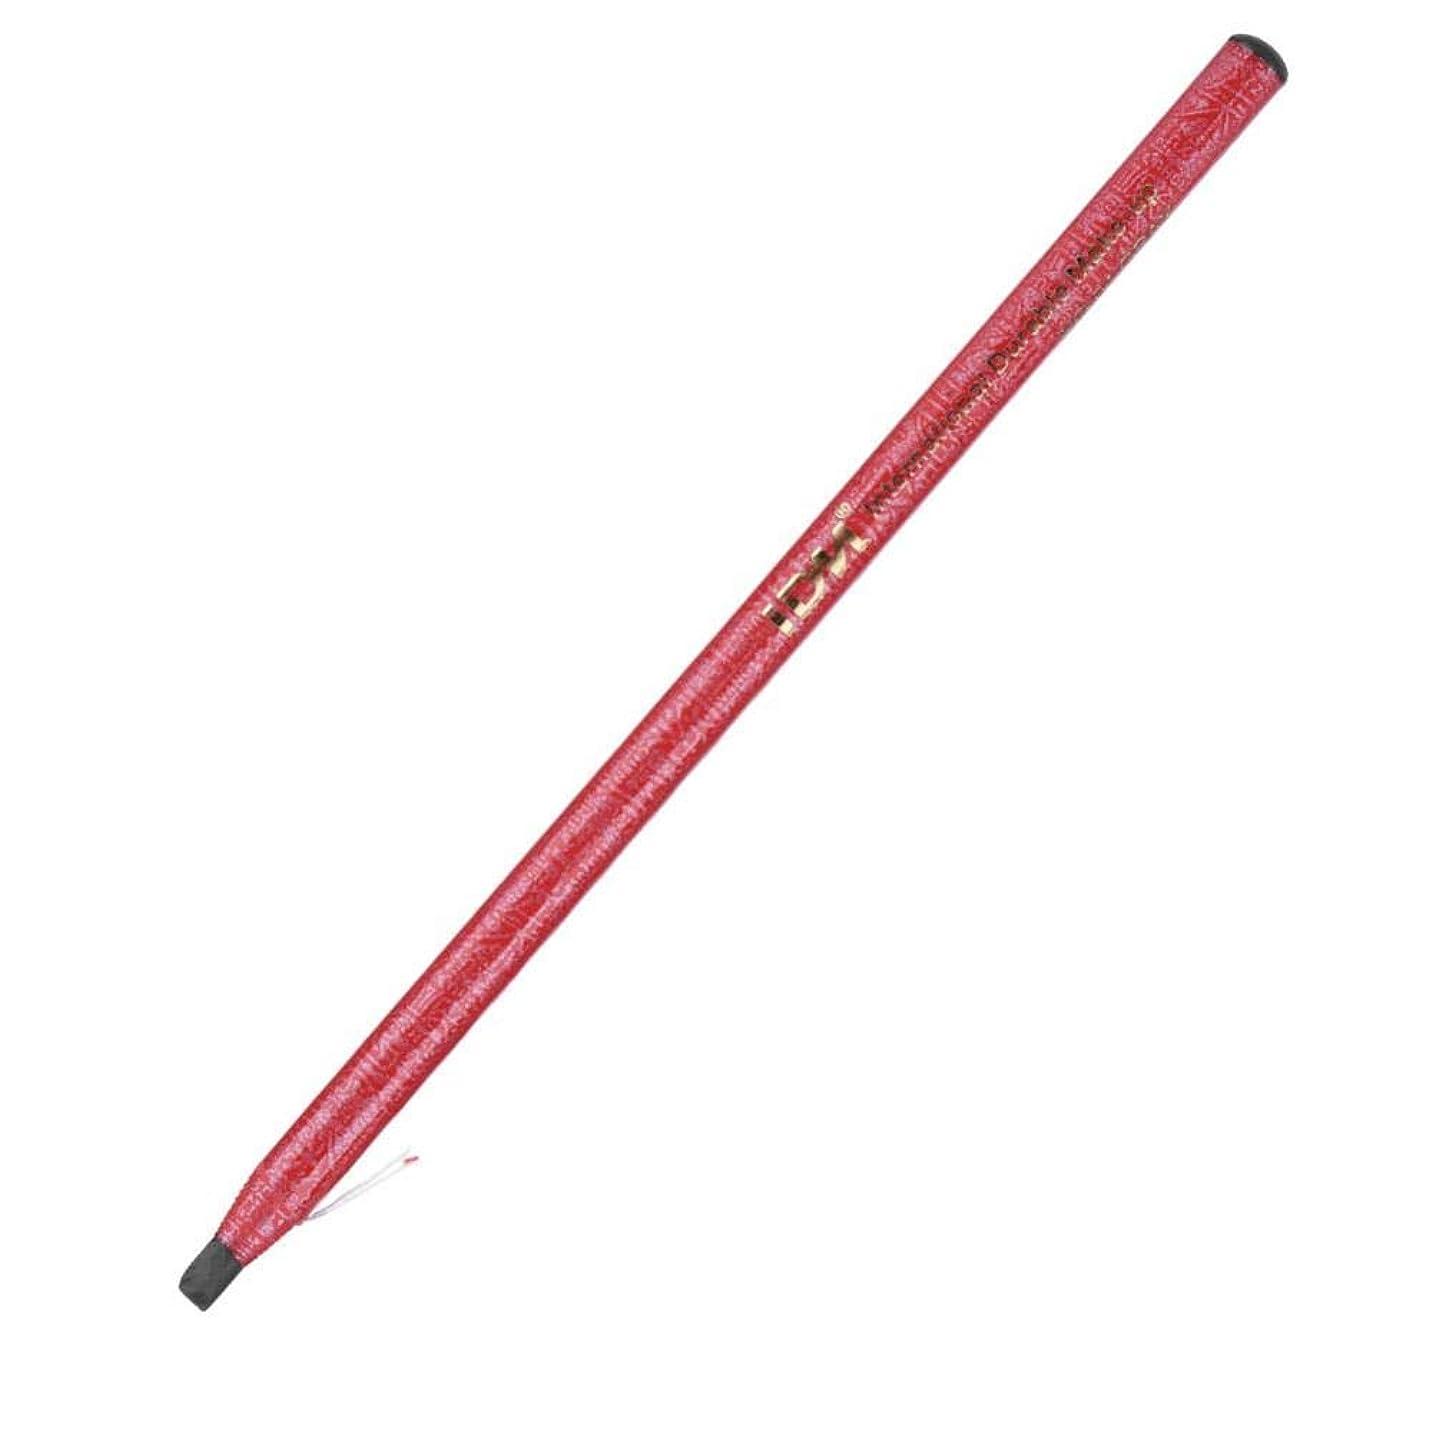 氏価値のない開示するアイブロウ鉛筆 プロフェッショナル アイブロウペンシル 防水 自然 長期 耐久性 眉ペン 落ちない アイメイクアップ 用品 3色(グレー)